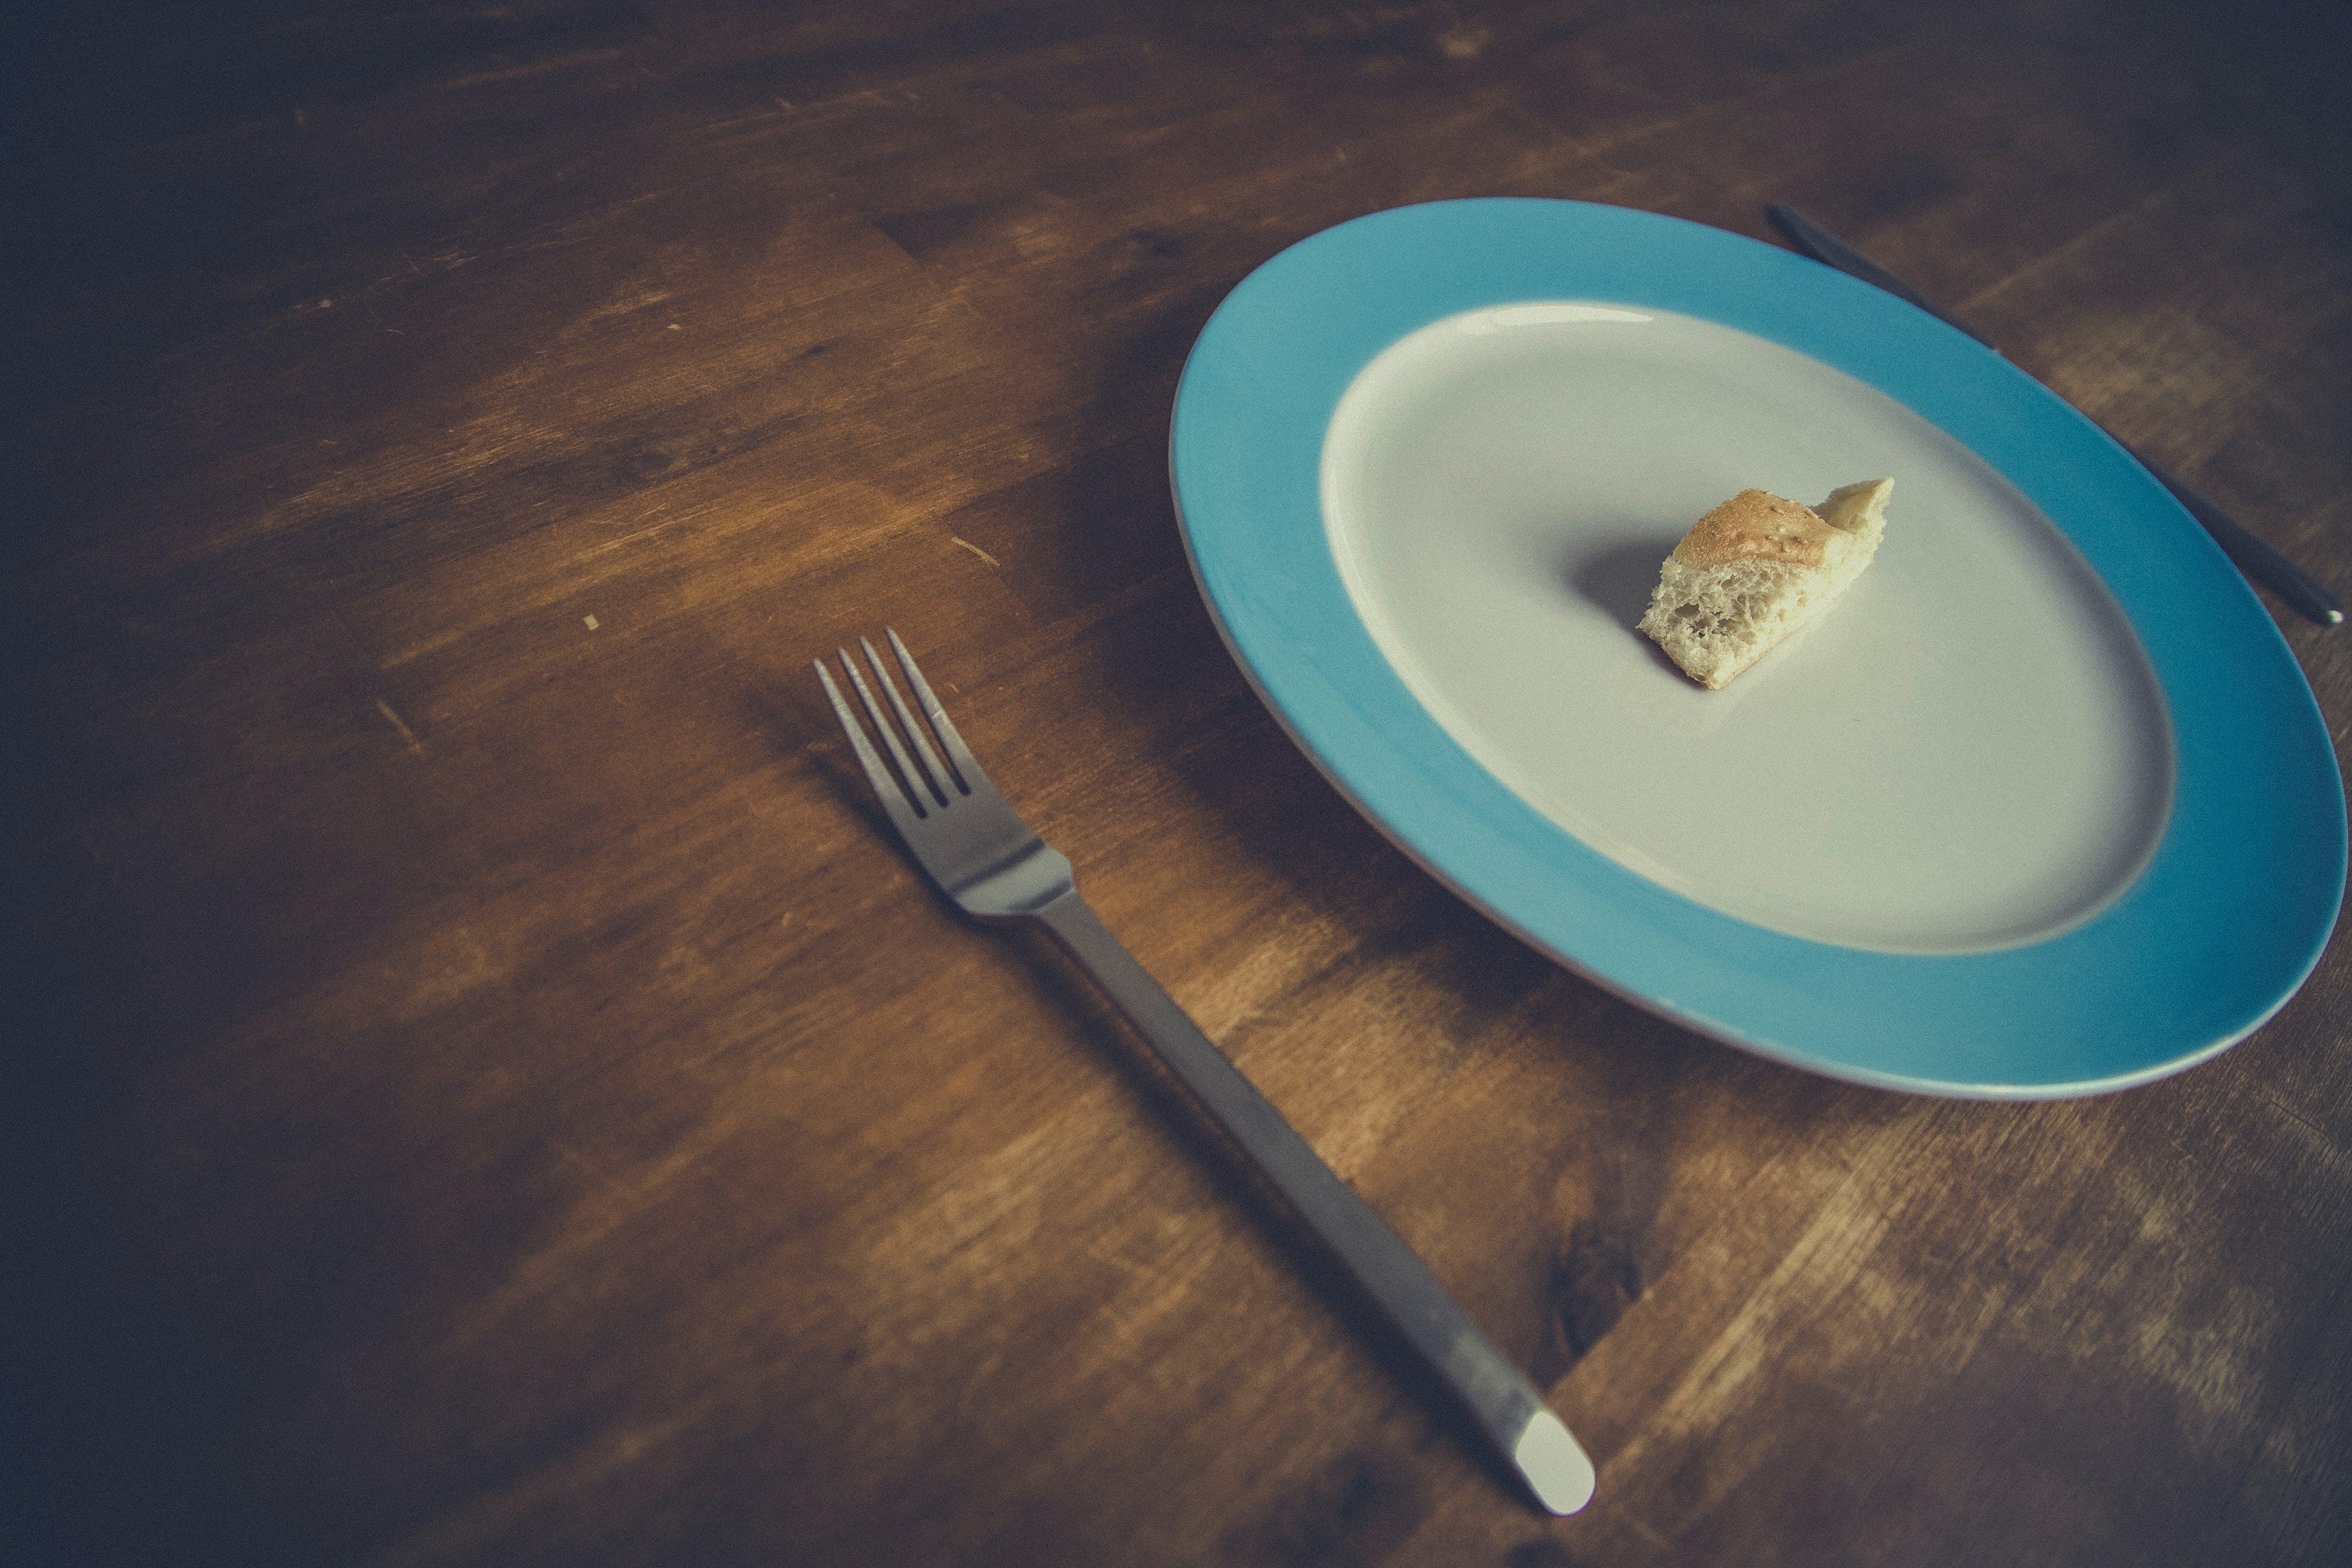 Lo que le pasa a tu cuerpo si dejas de comer por varias horas